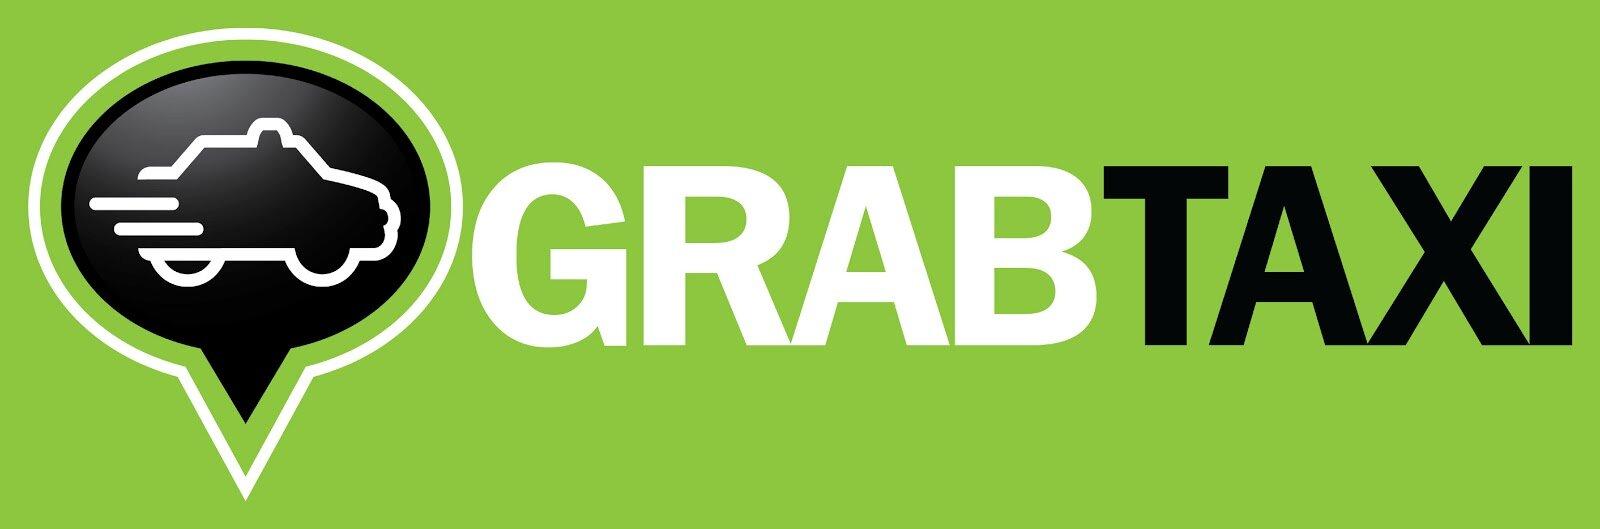 Hướng dẫn chi tiết cách sử dụng GrabTaxi